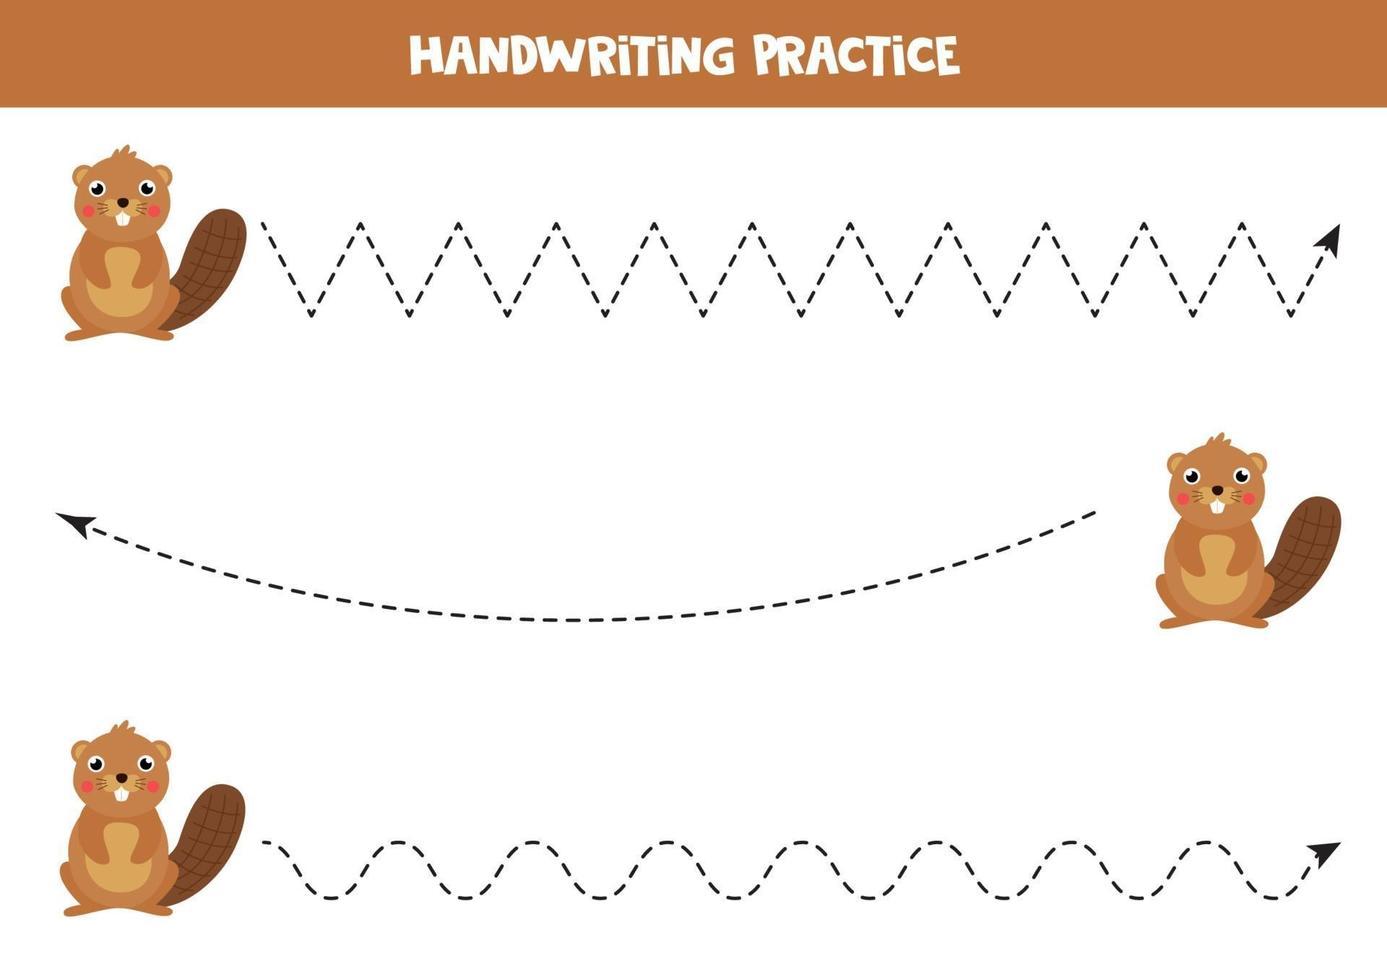 trazando líneas con un lindo castor de cartón. práctica de escritura a mano. vector